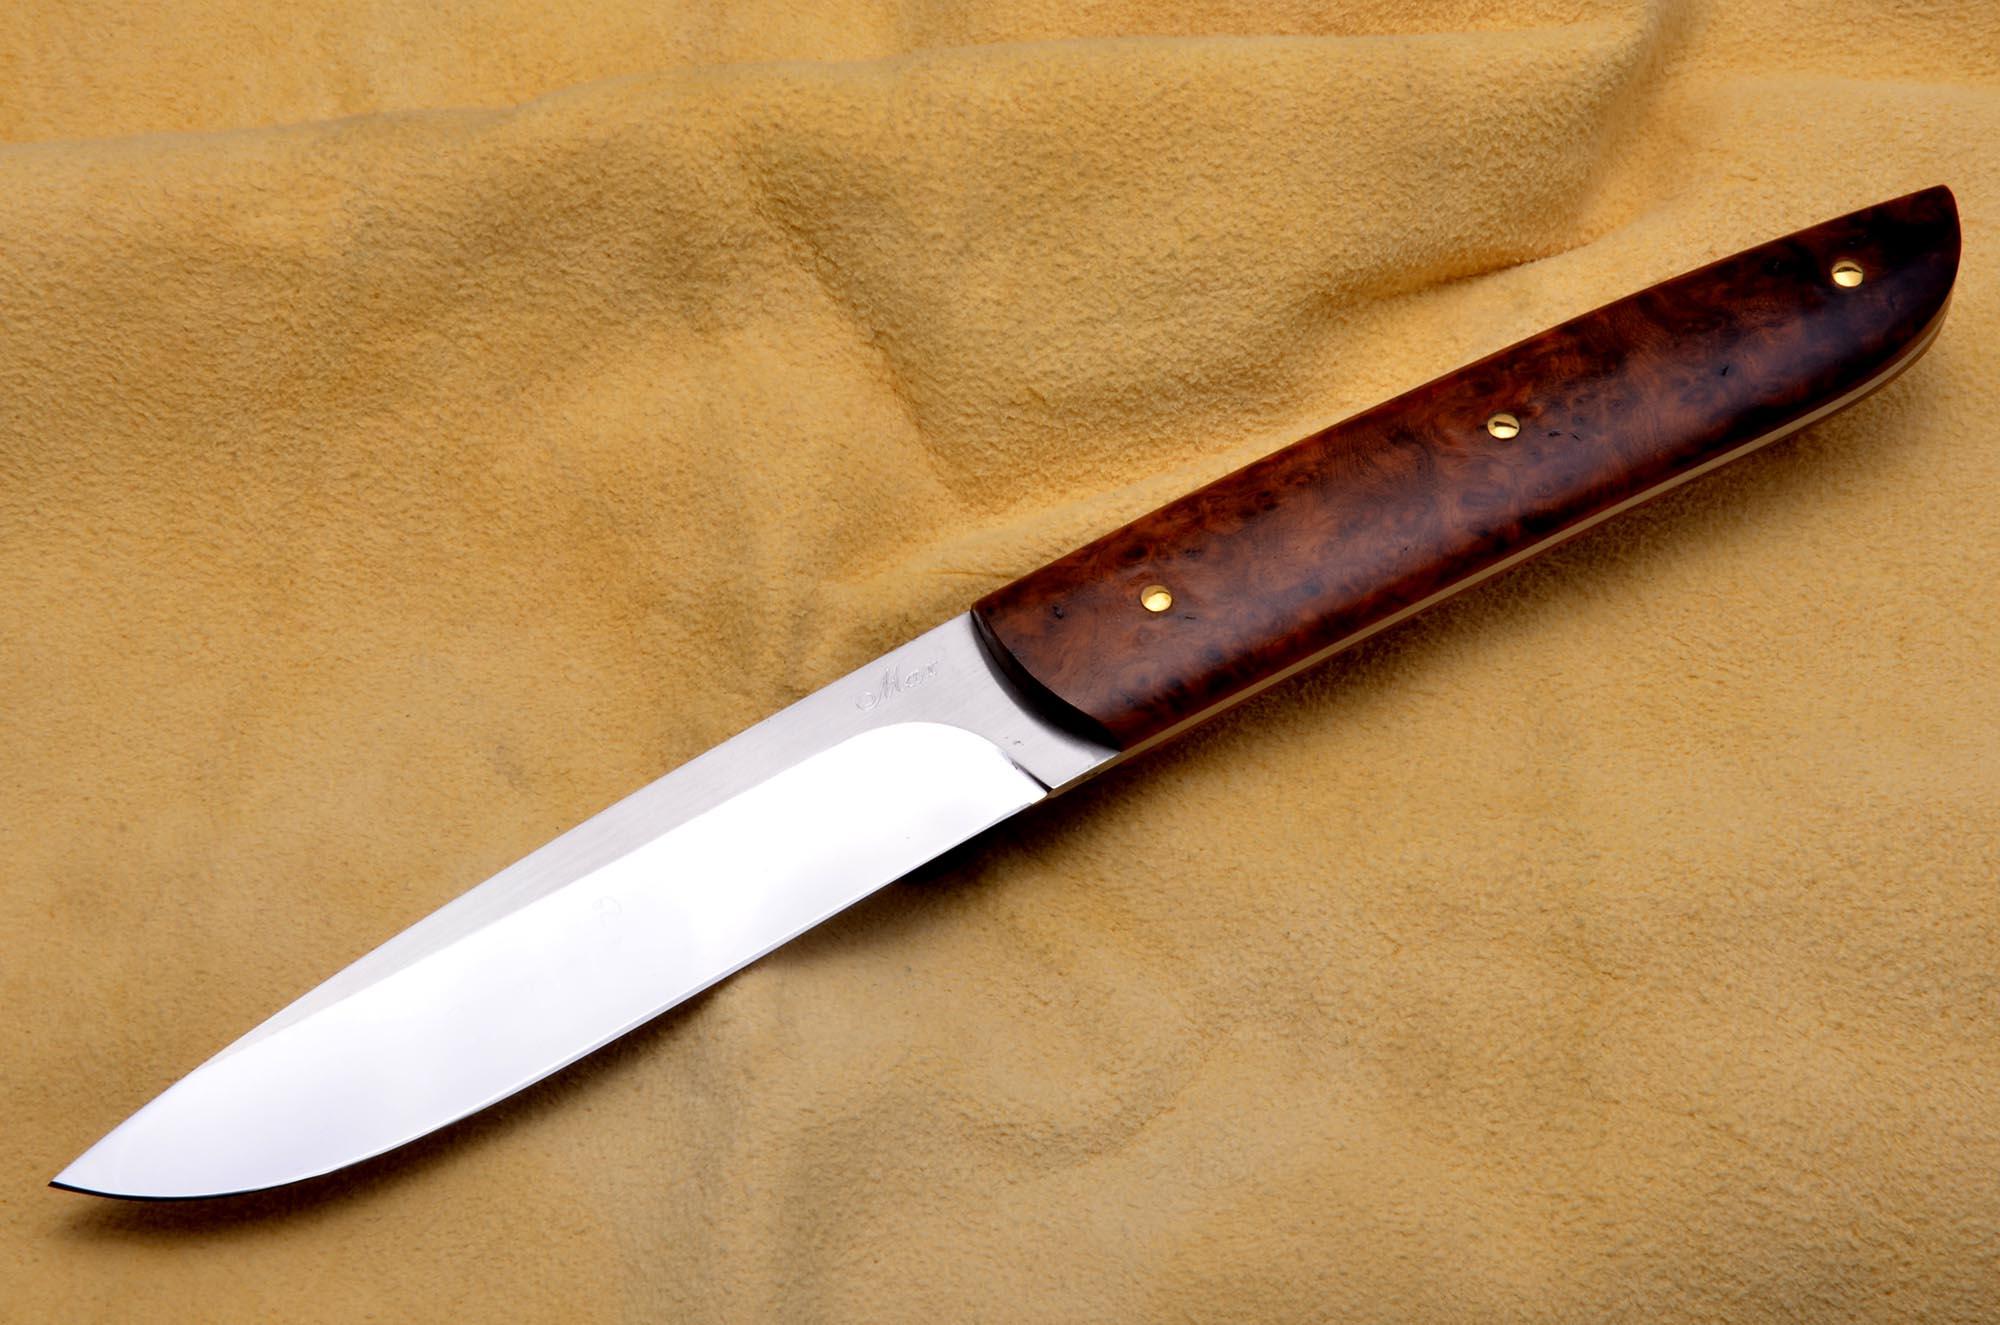 Coltelli max salice sanna coltelli - Coltelli da tavola tramontina ...